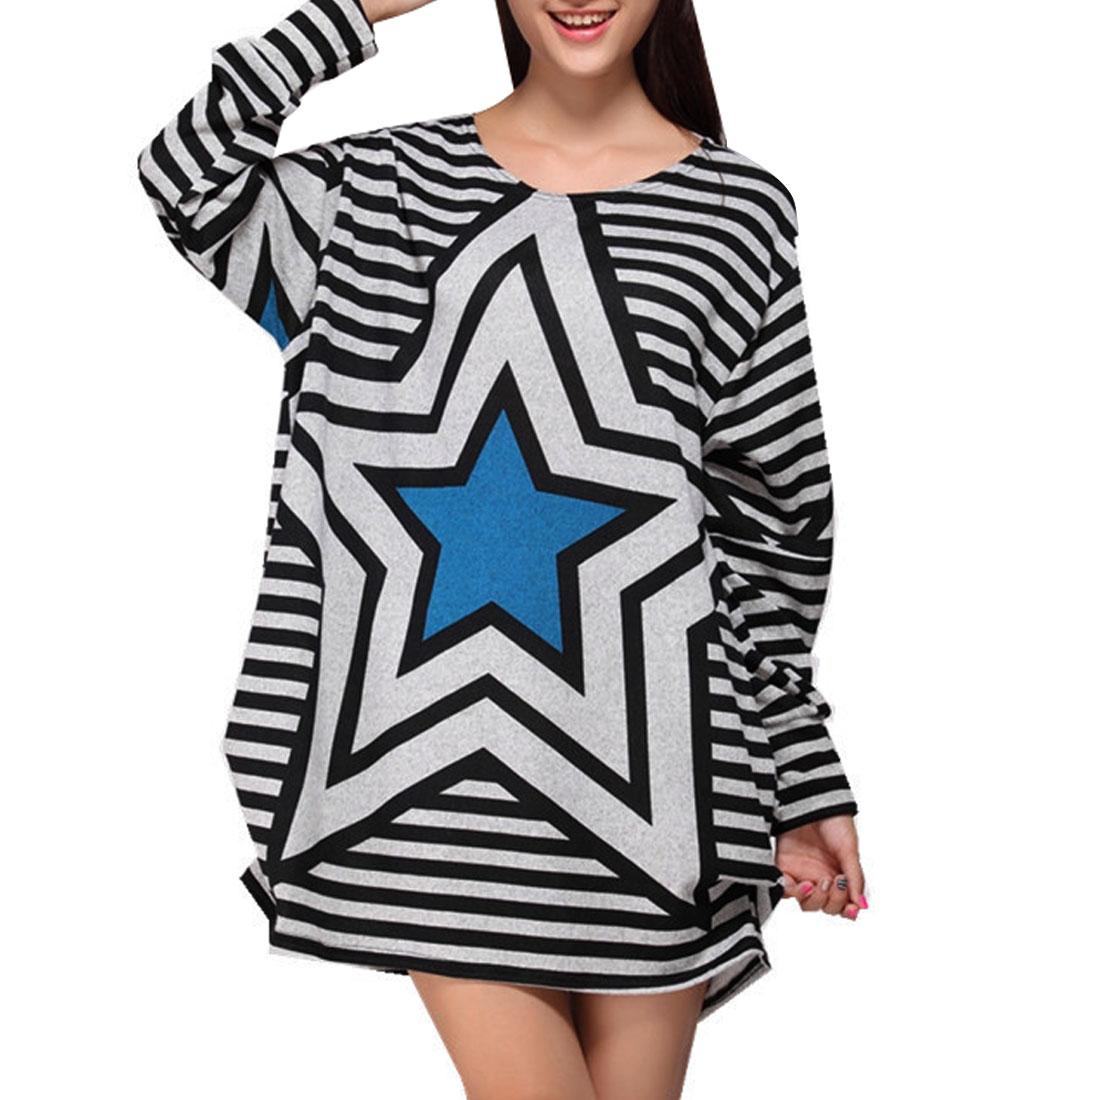 Long Sleeve Black Gray Stripes Print Autumn Mini Dress Blue L for Women